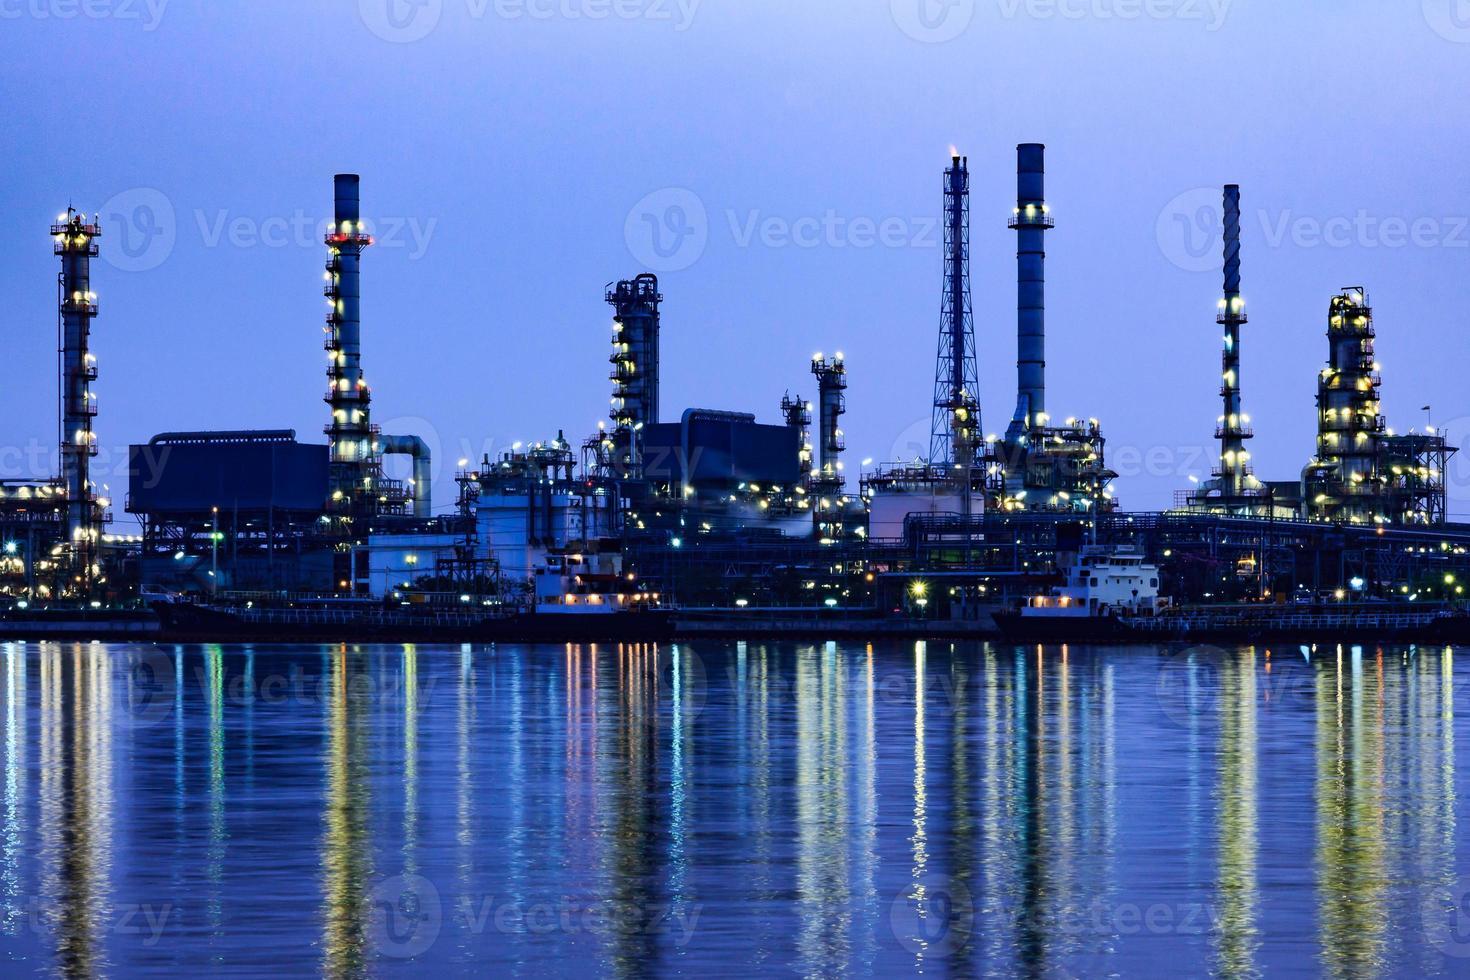 olieraffinaderij in bangkok thailand. foto